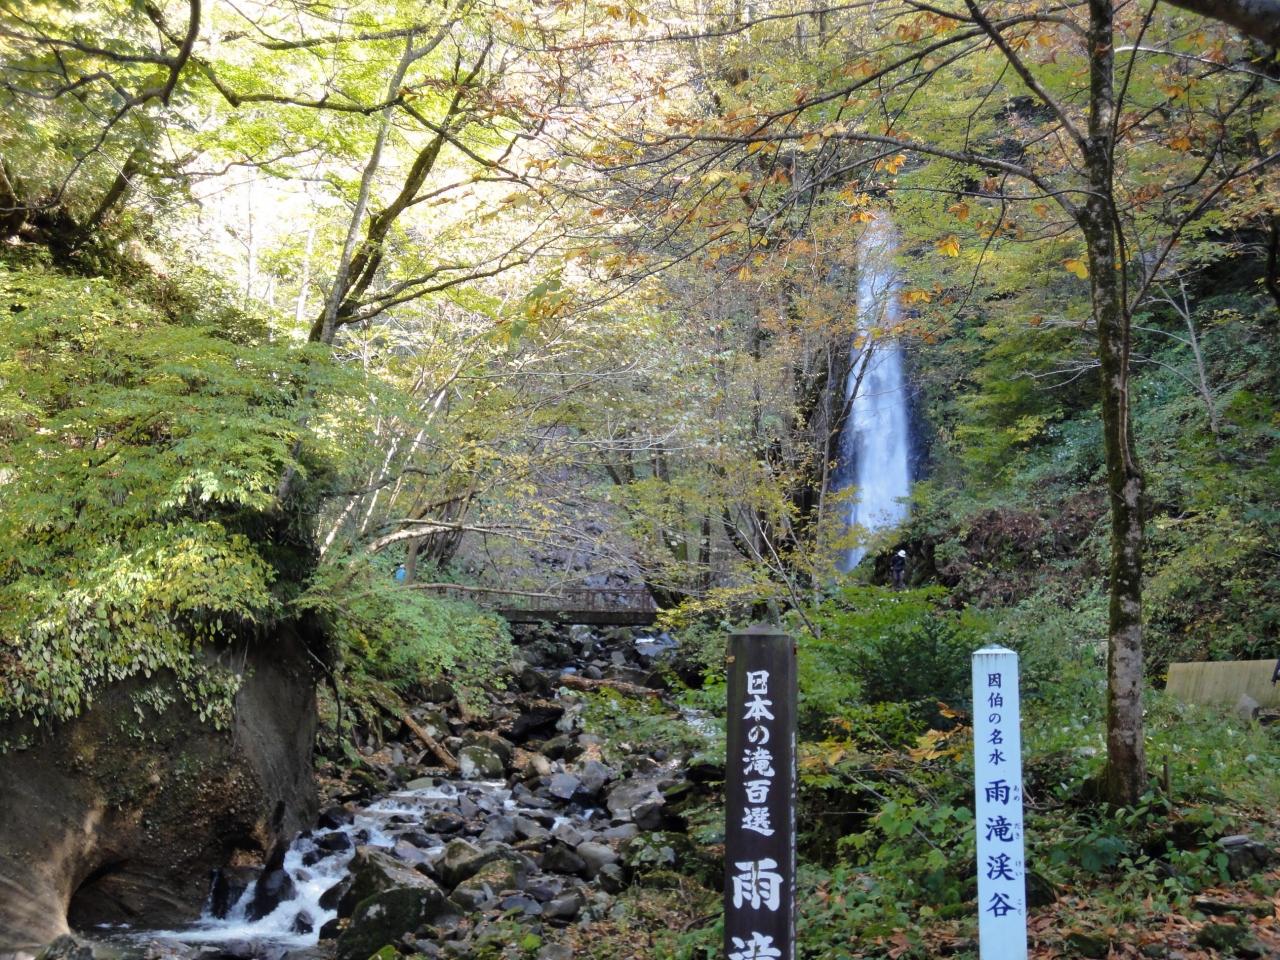 日本料理淳 (鳥取市) の口コミ4件 - トリップアドバ …